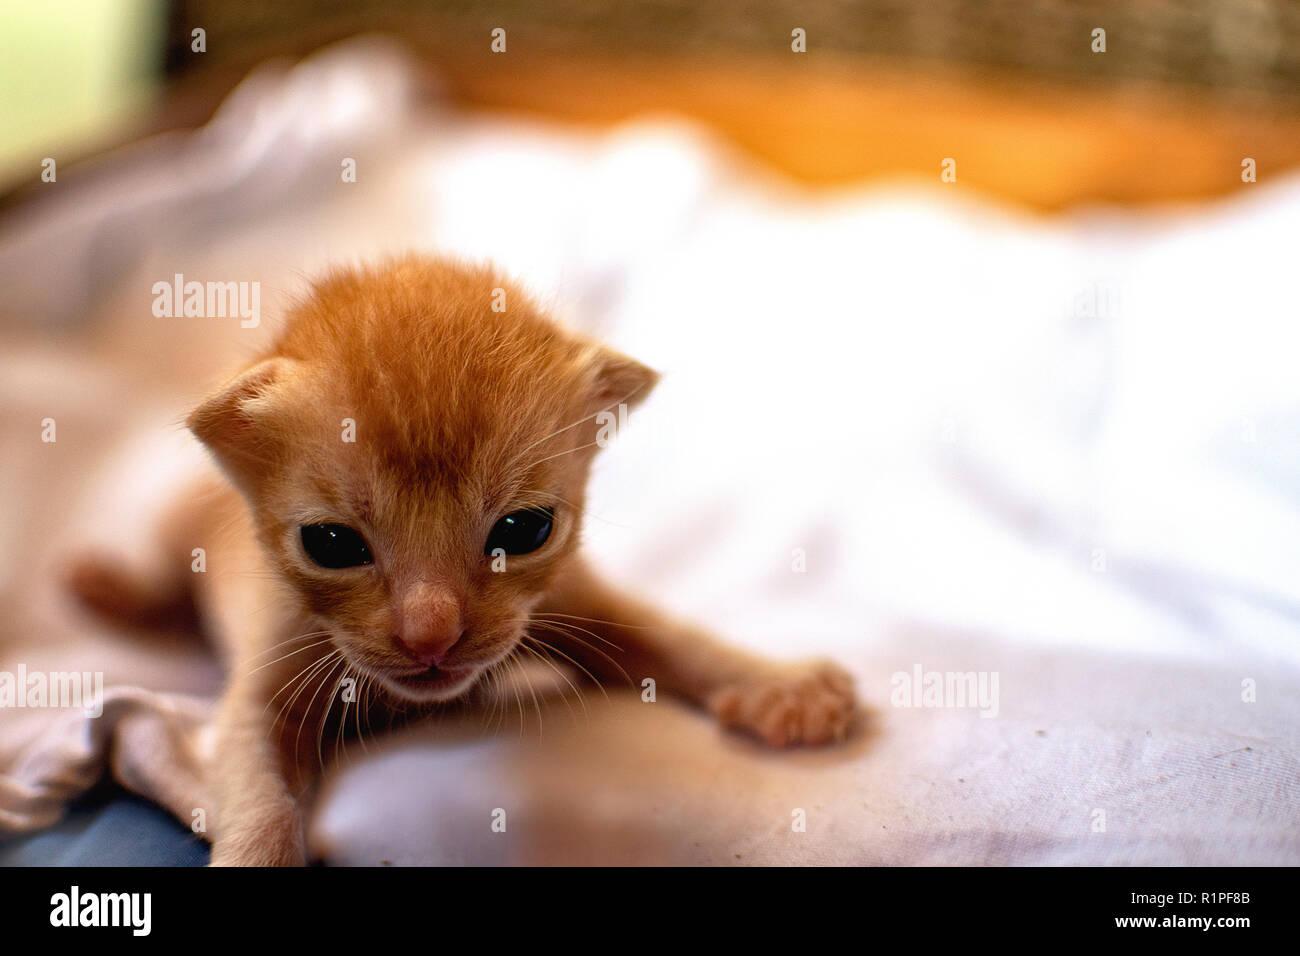 baby katzen bilder kostenlos